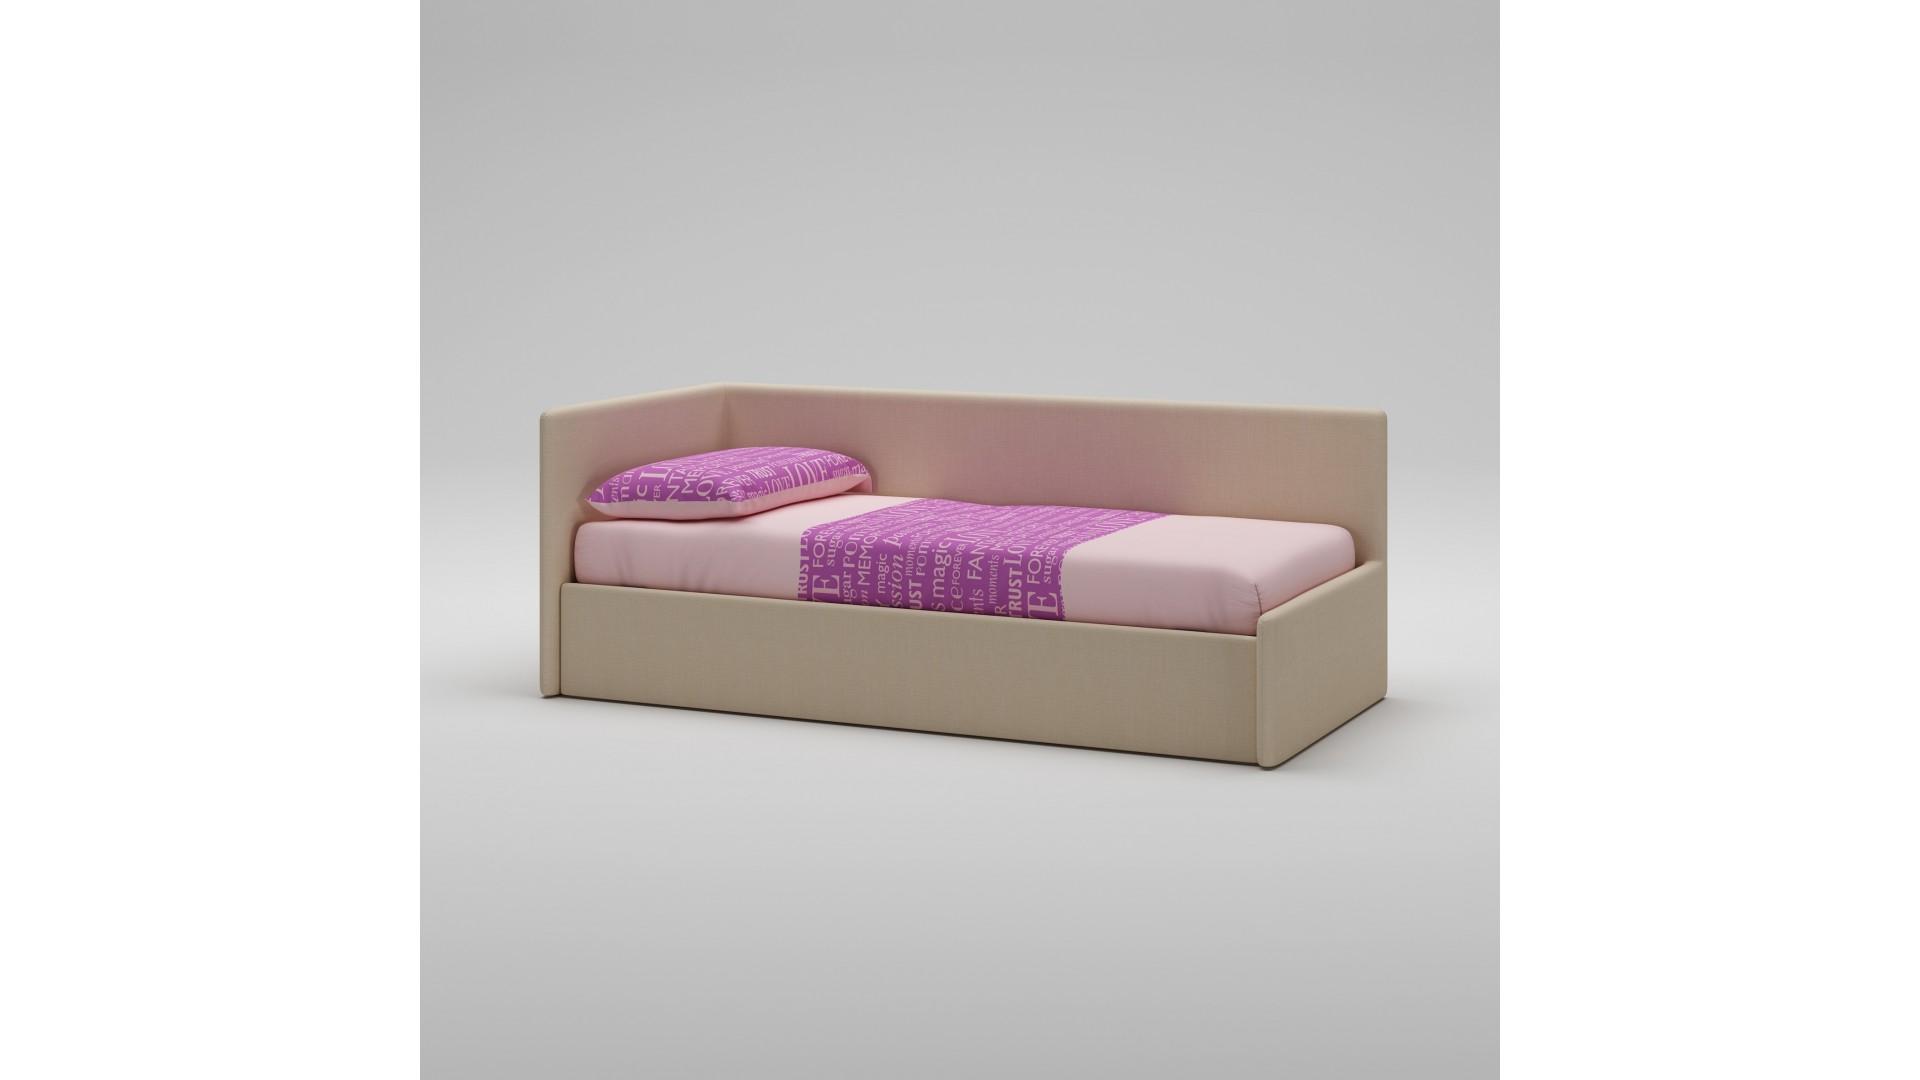 lit canape personnalisable vbv12r avec lit gigogne moretti compact